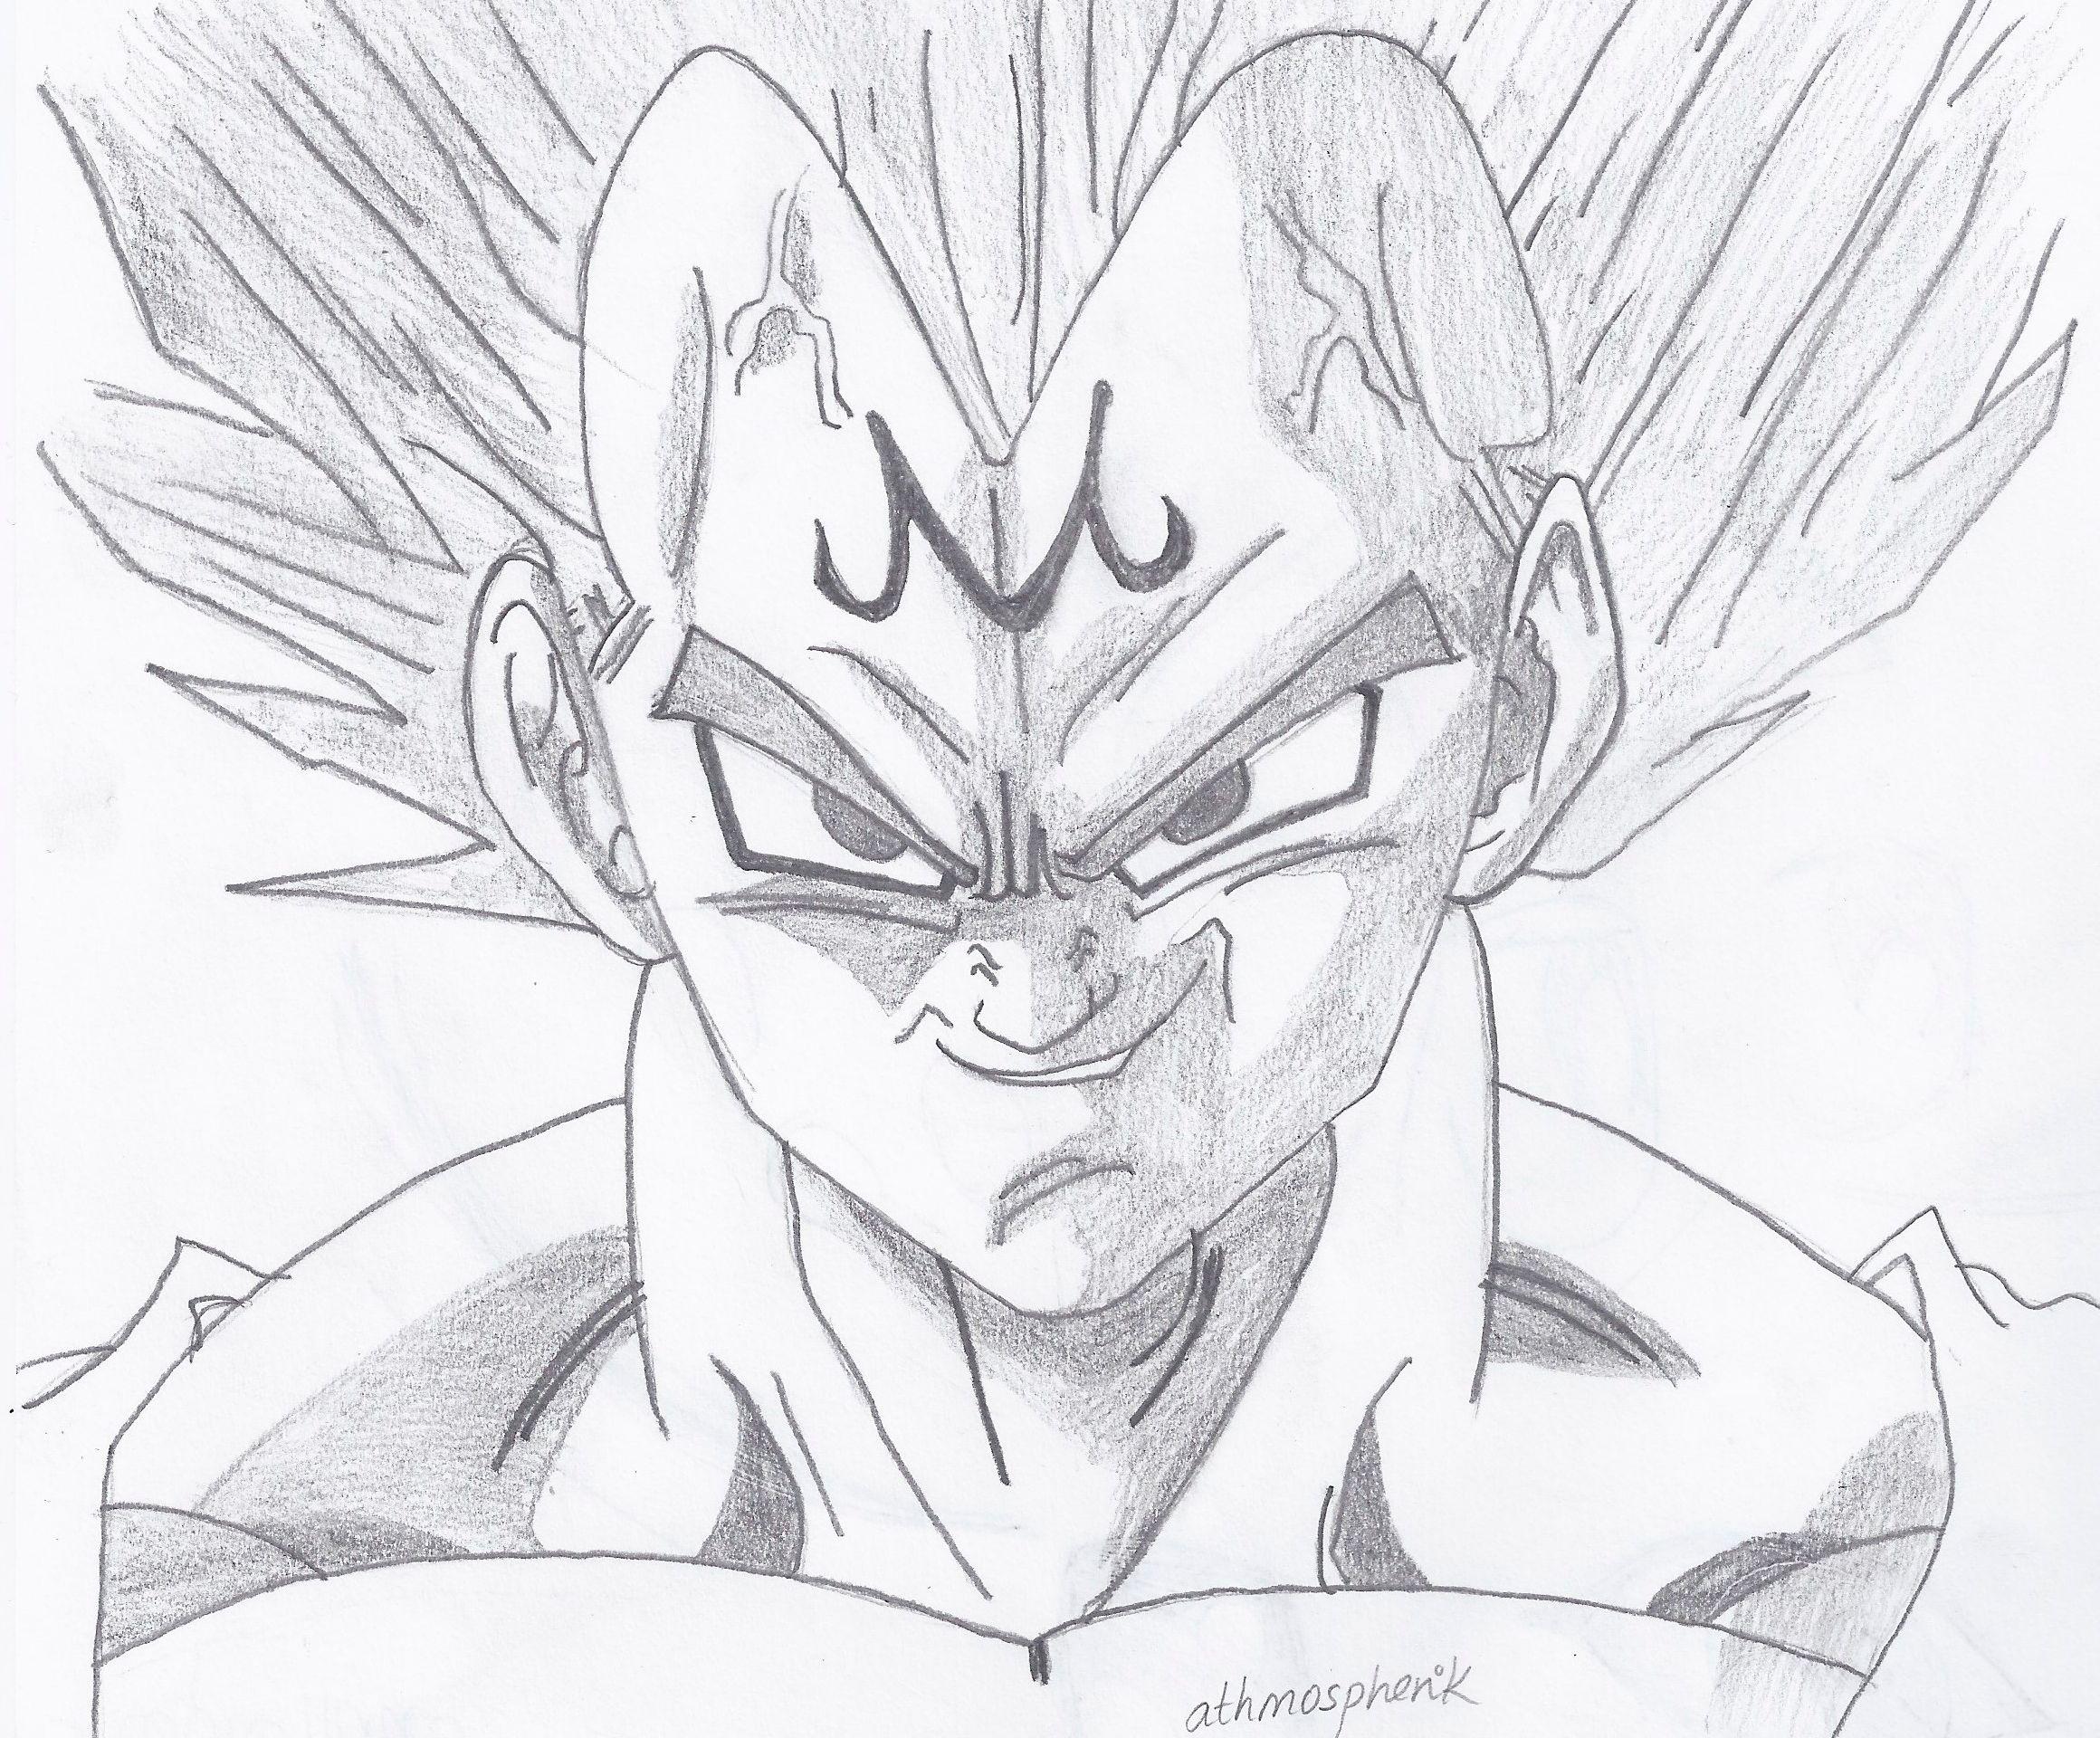 Dibujos Para Colorear De Dragon Ball Z Gohan Ssj2 Ideas: Dibujo De Vegeta. Continuamos. Best Vegeta Goku Dragonball